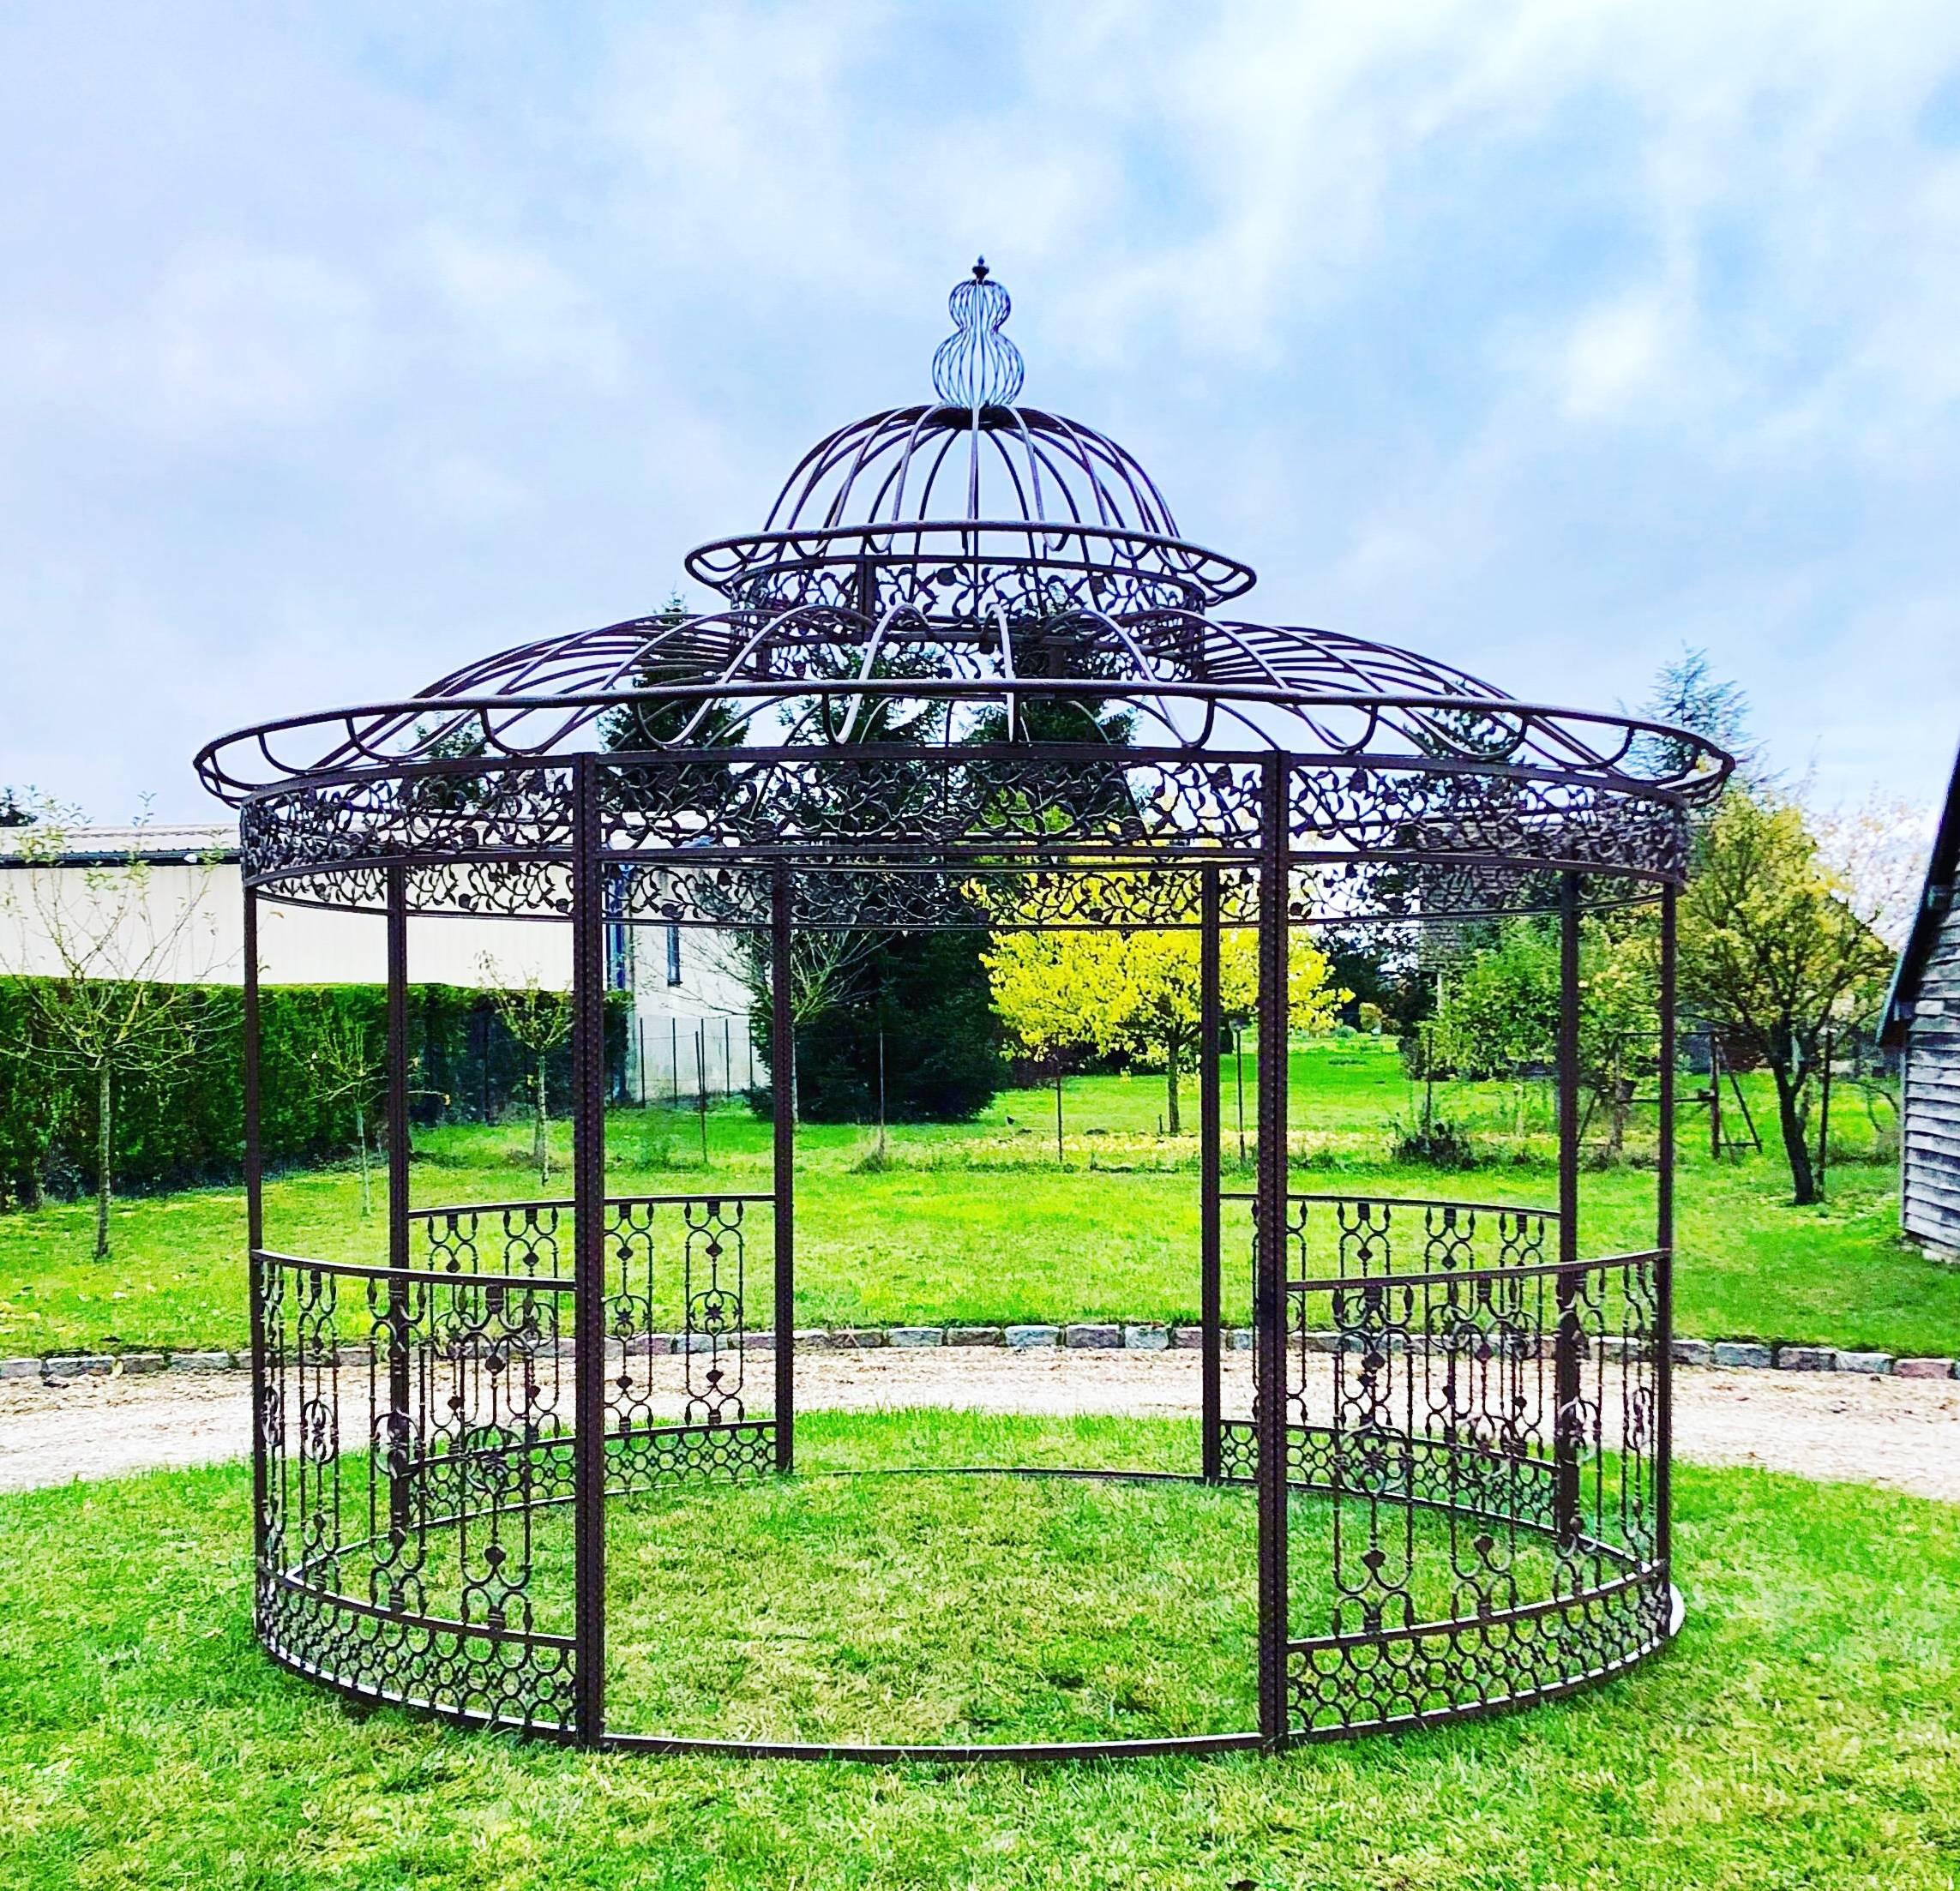 Grande Tonnelle Kiosque De Jardin Pergola Abris Rond Kiosque ... pour Tonnelle De Jardin Fer Forgé